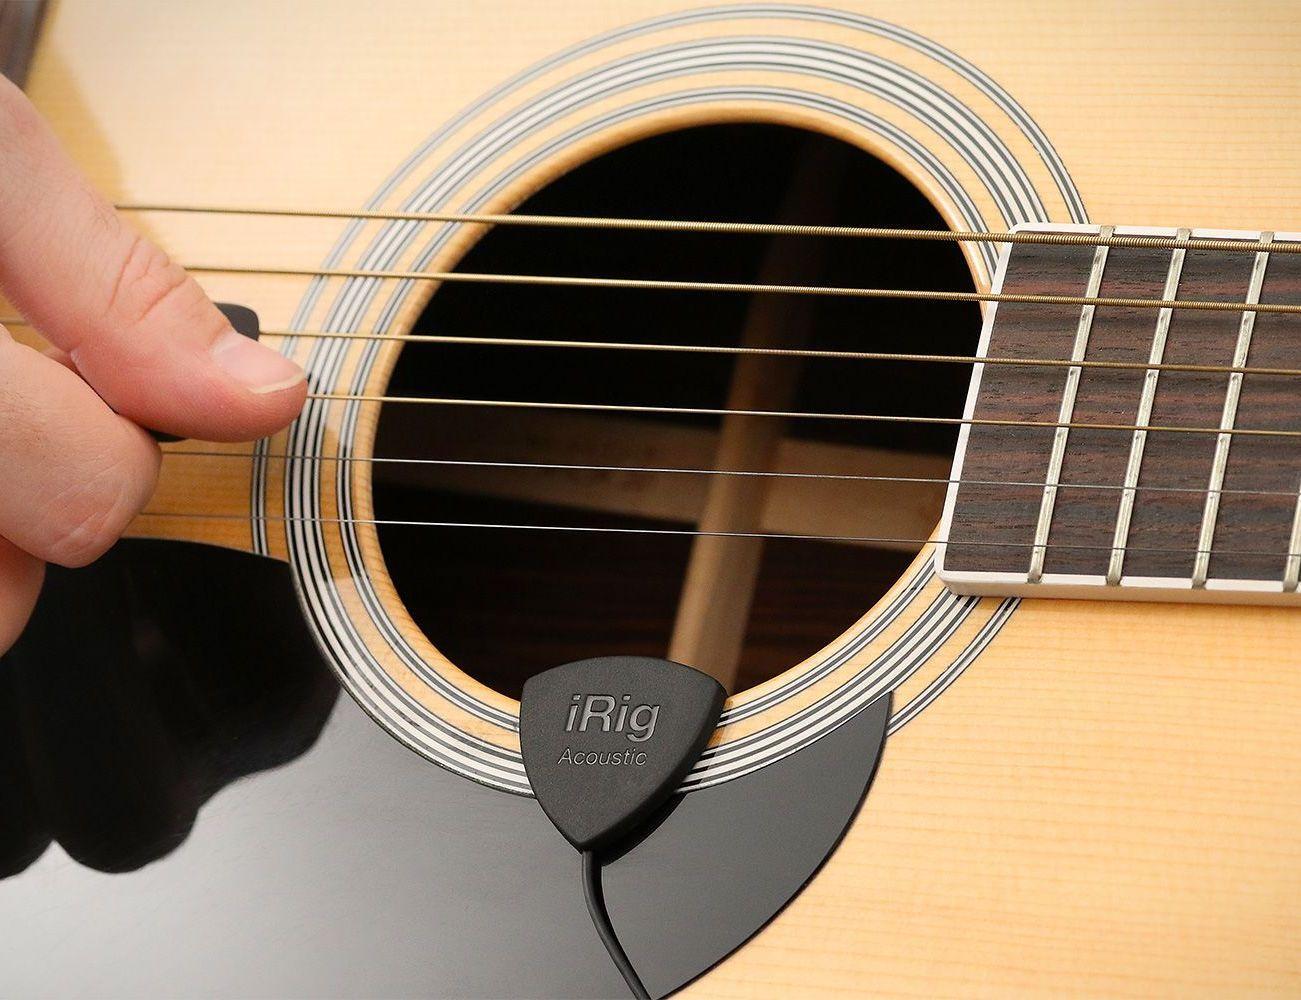 Irig Acoustic Guitar Microphone Irig Acoustic Guitar Acoustic